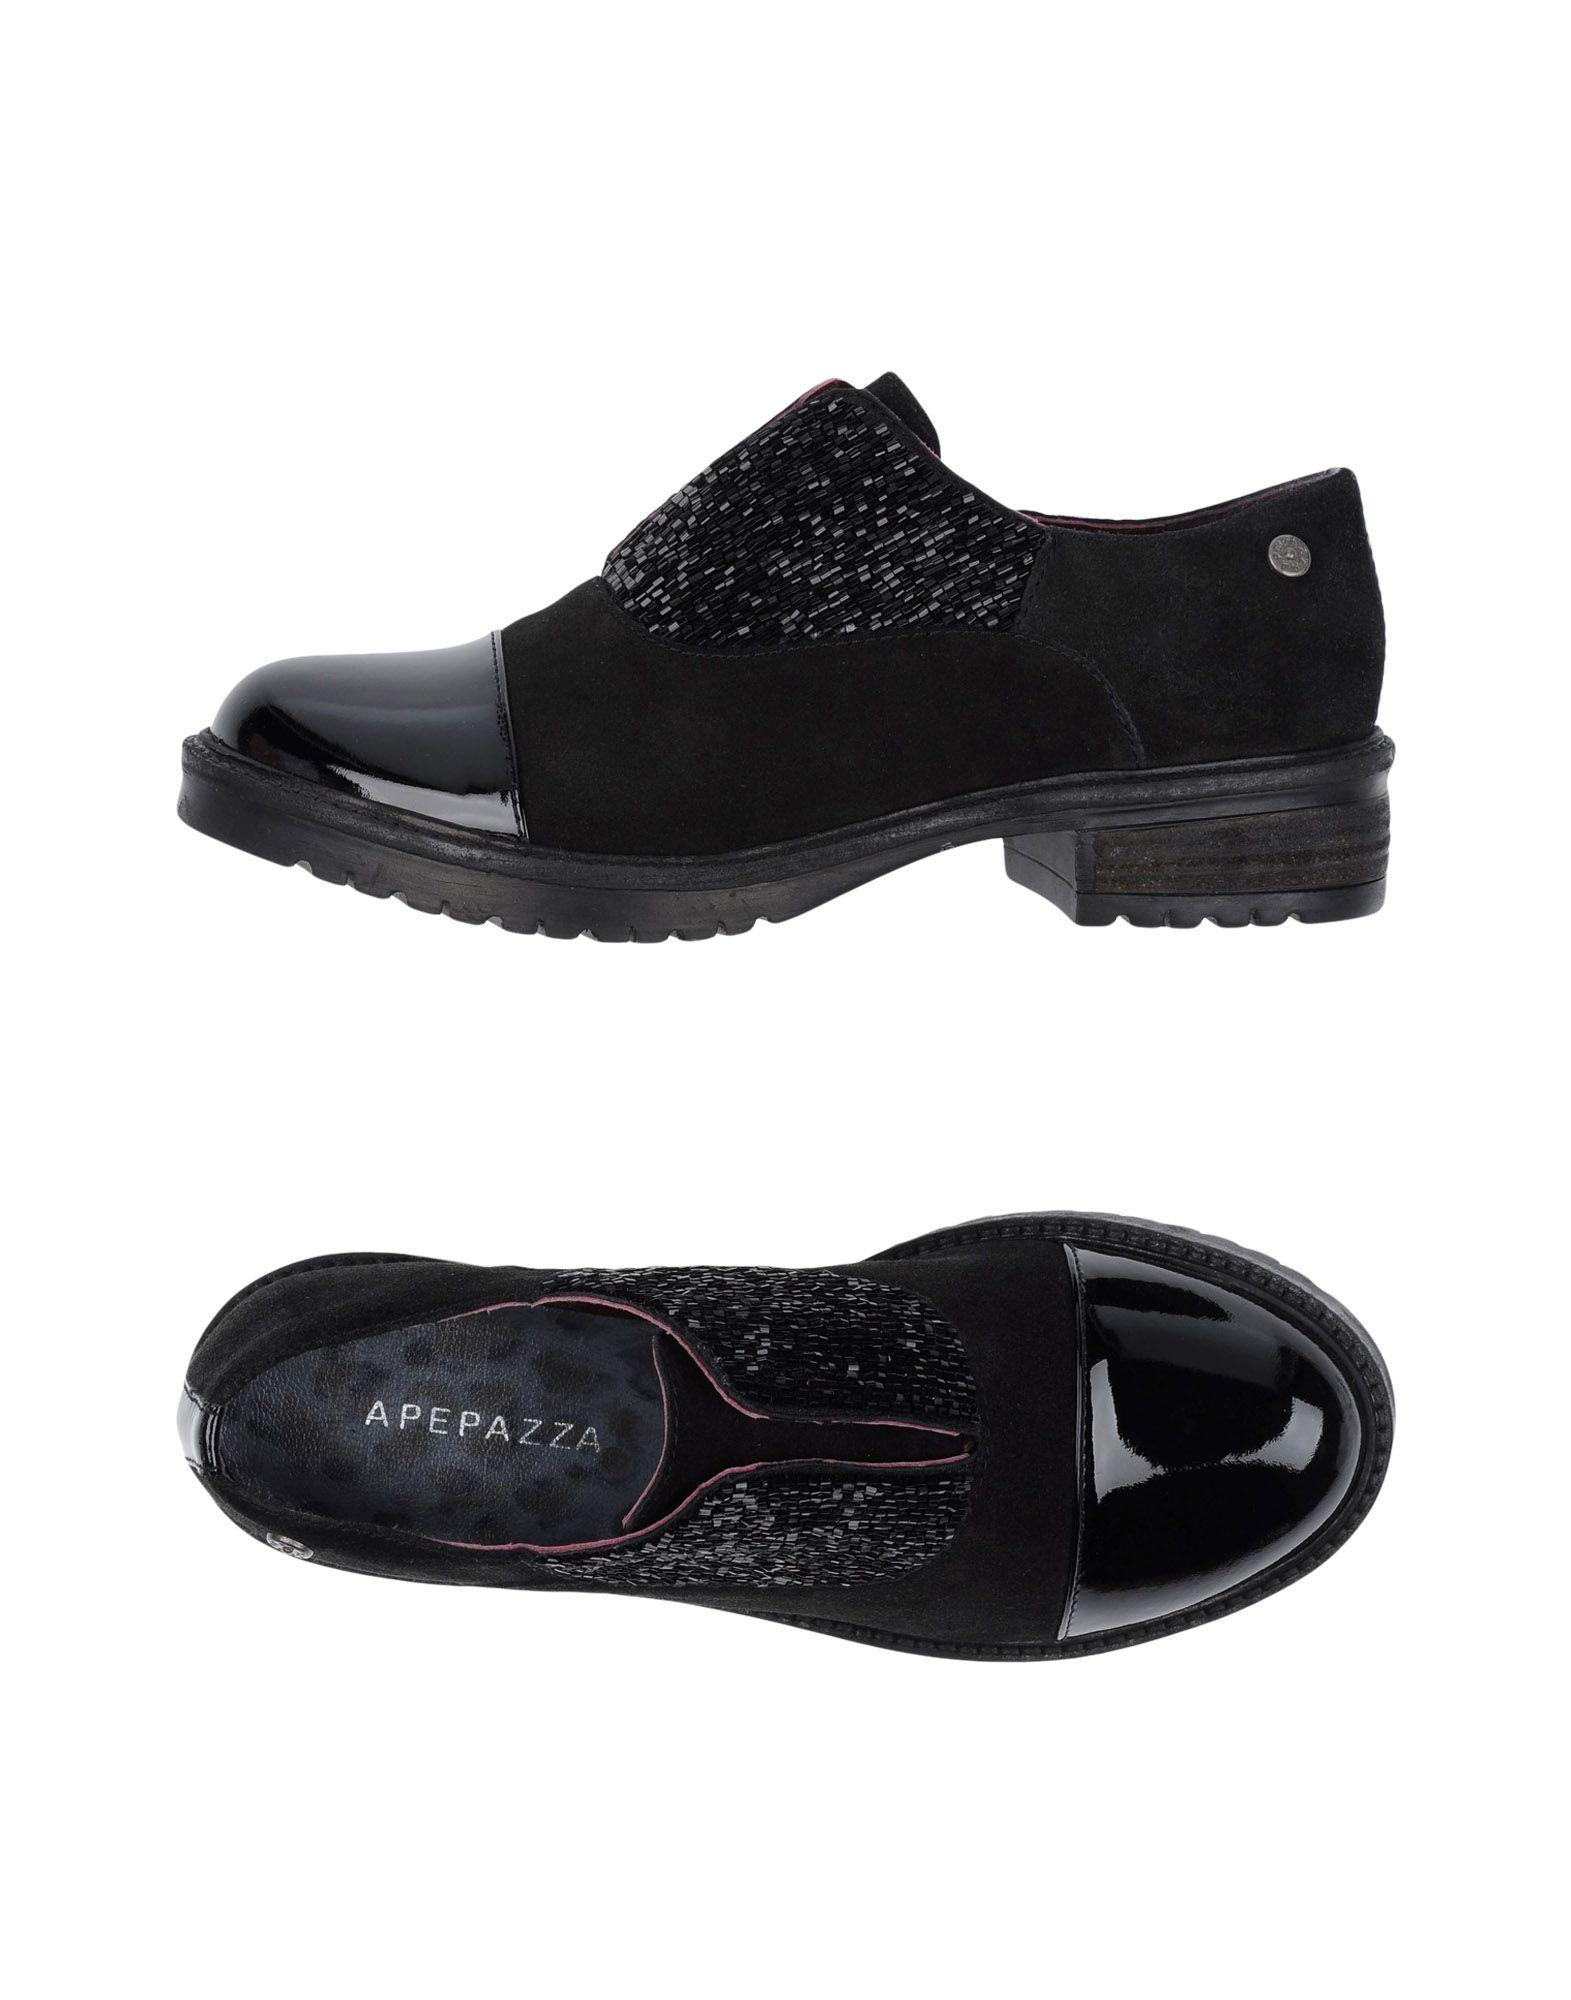 Apepazza Mokassins Damen  11251574LE Gute Qualität beliebte Schuhe